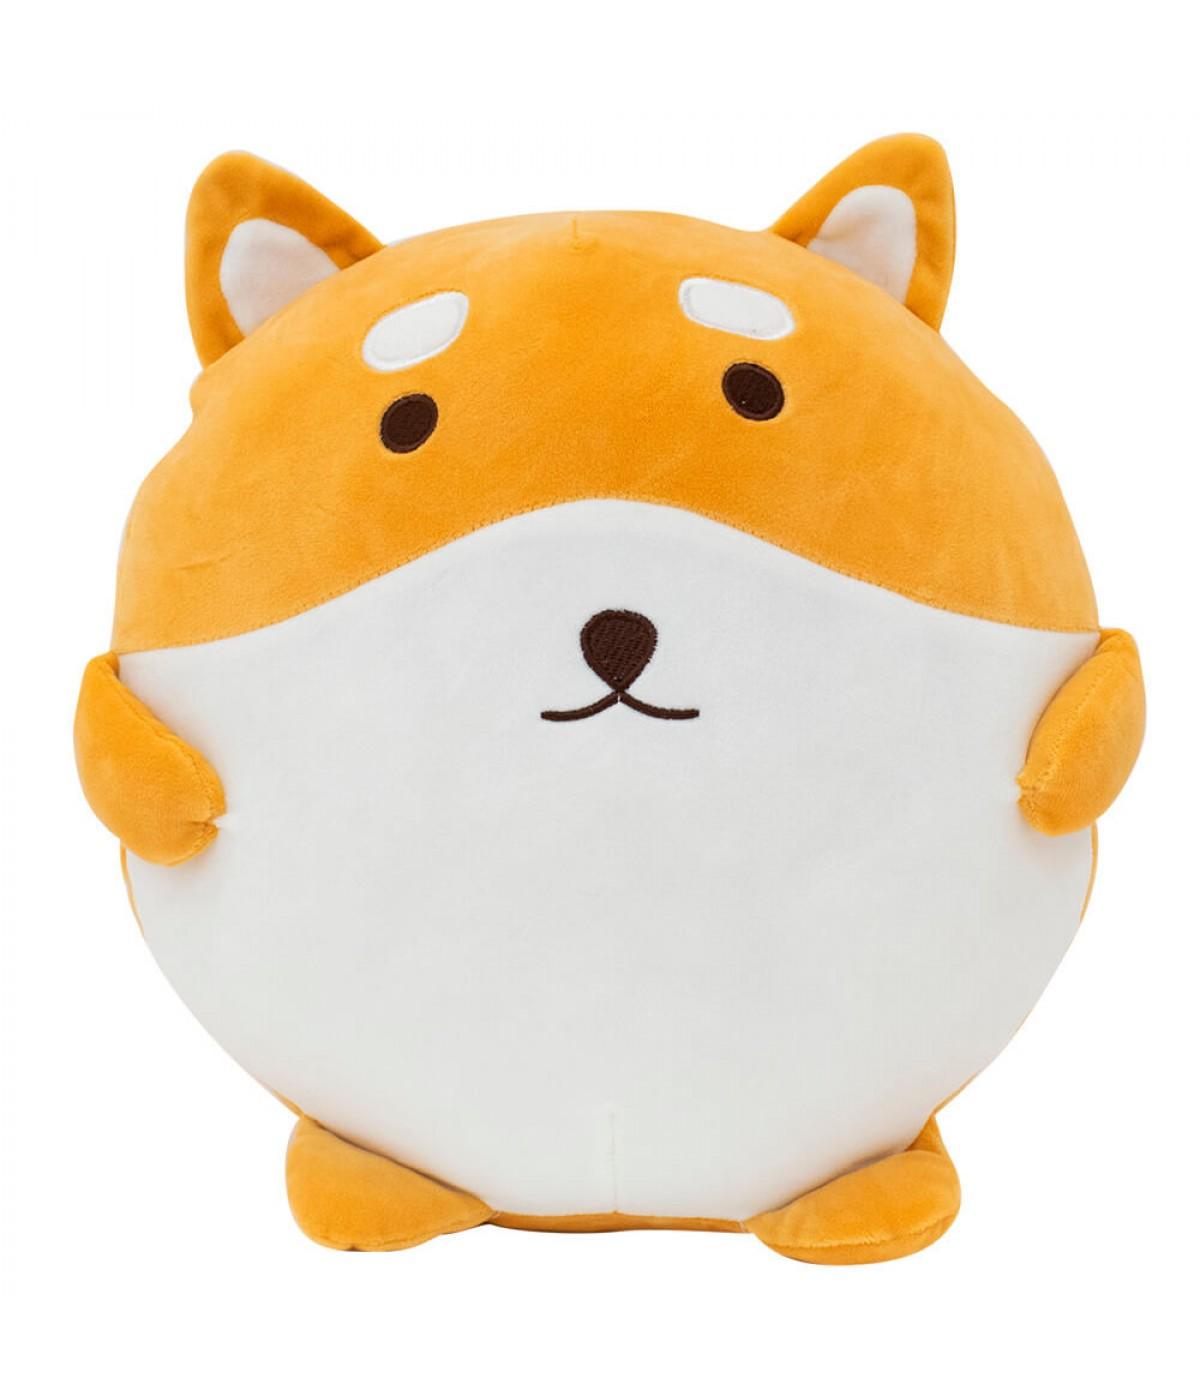 Almofada Semi Bola Formato Cachorro Shiba Pelúcia 30x30cm